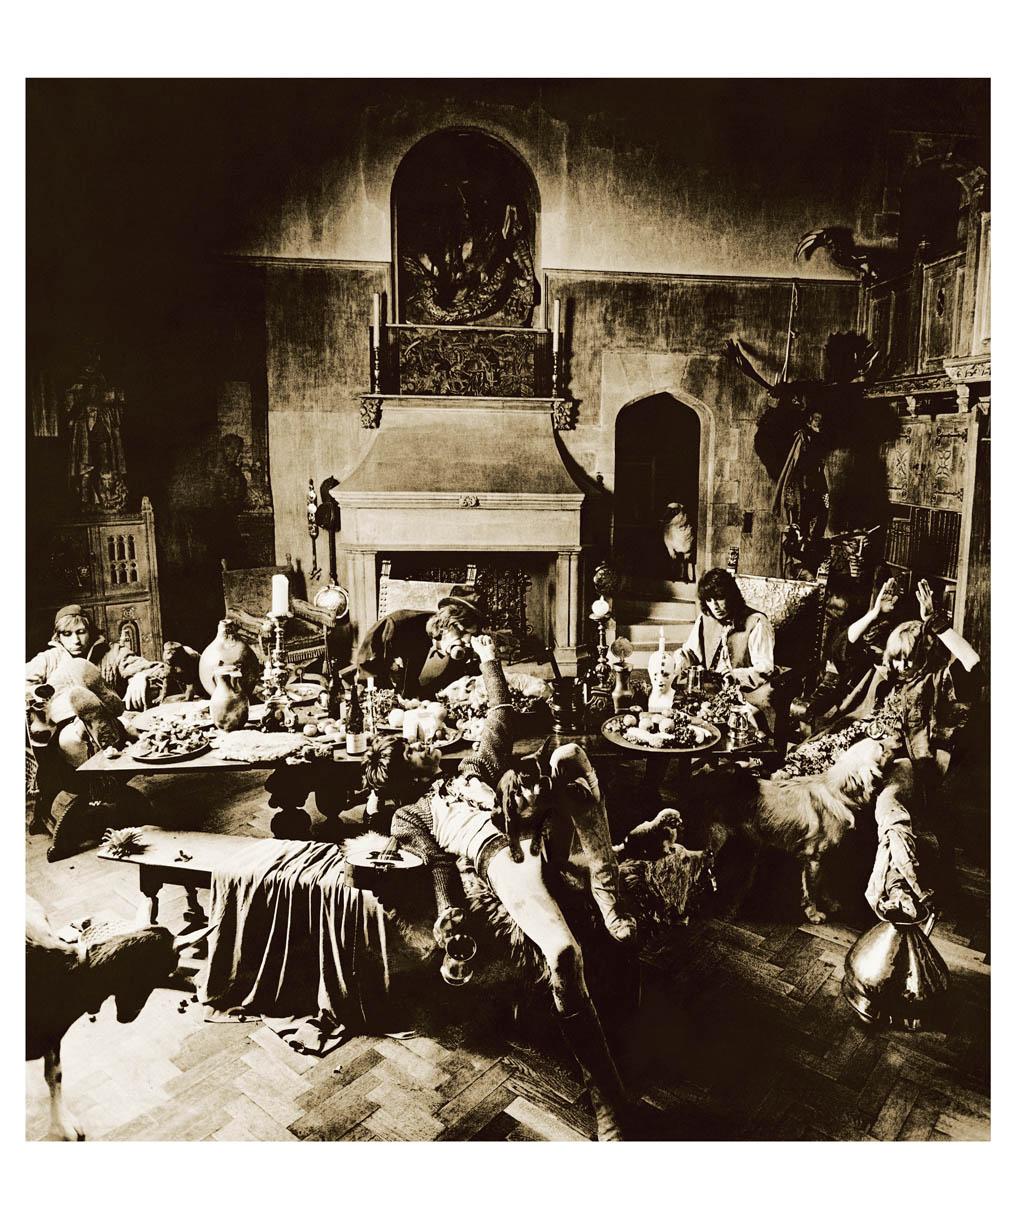 Beggars Banquet by Michael Joseph